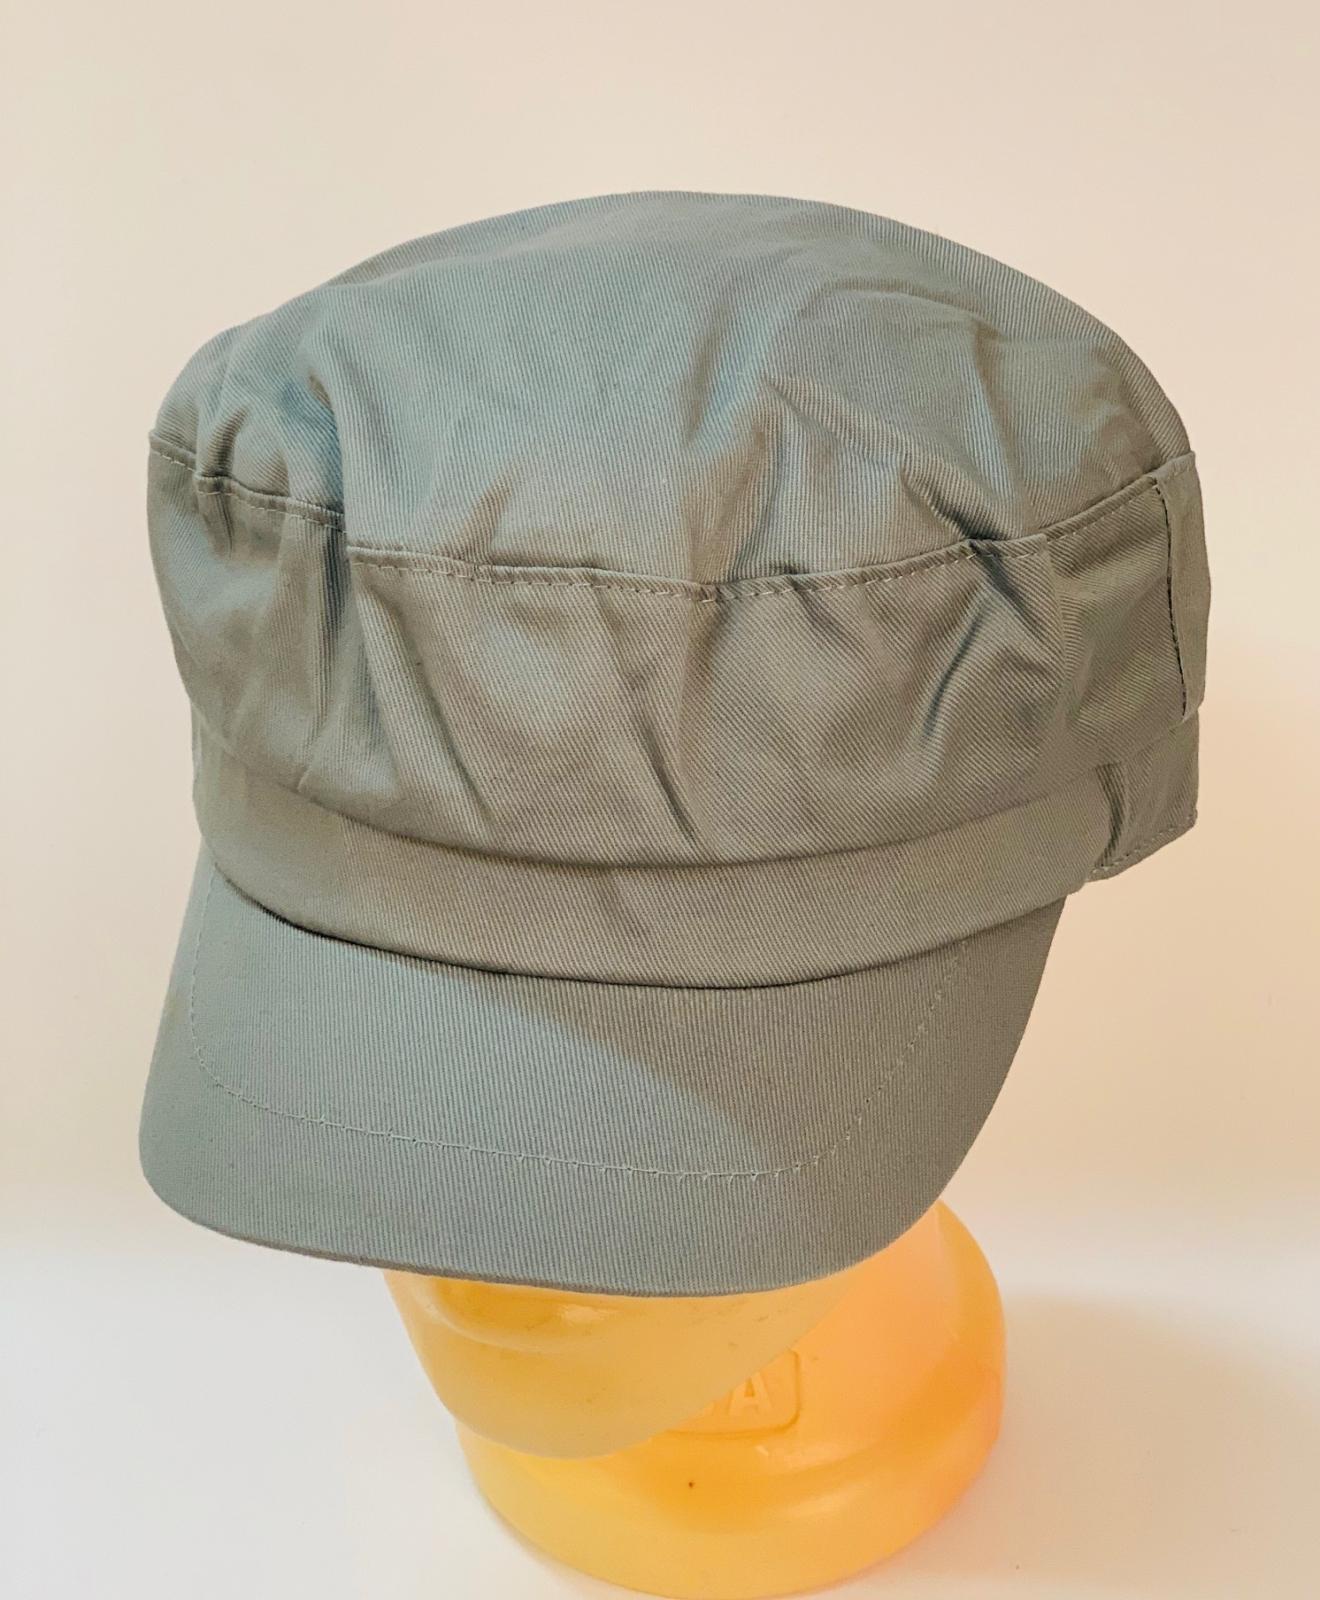 Оригинальная кепка-немка светло-серого цвета